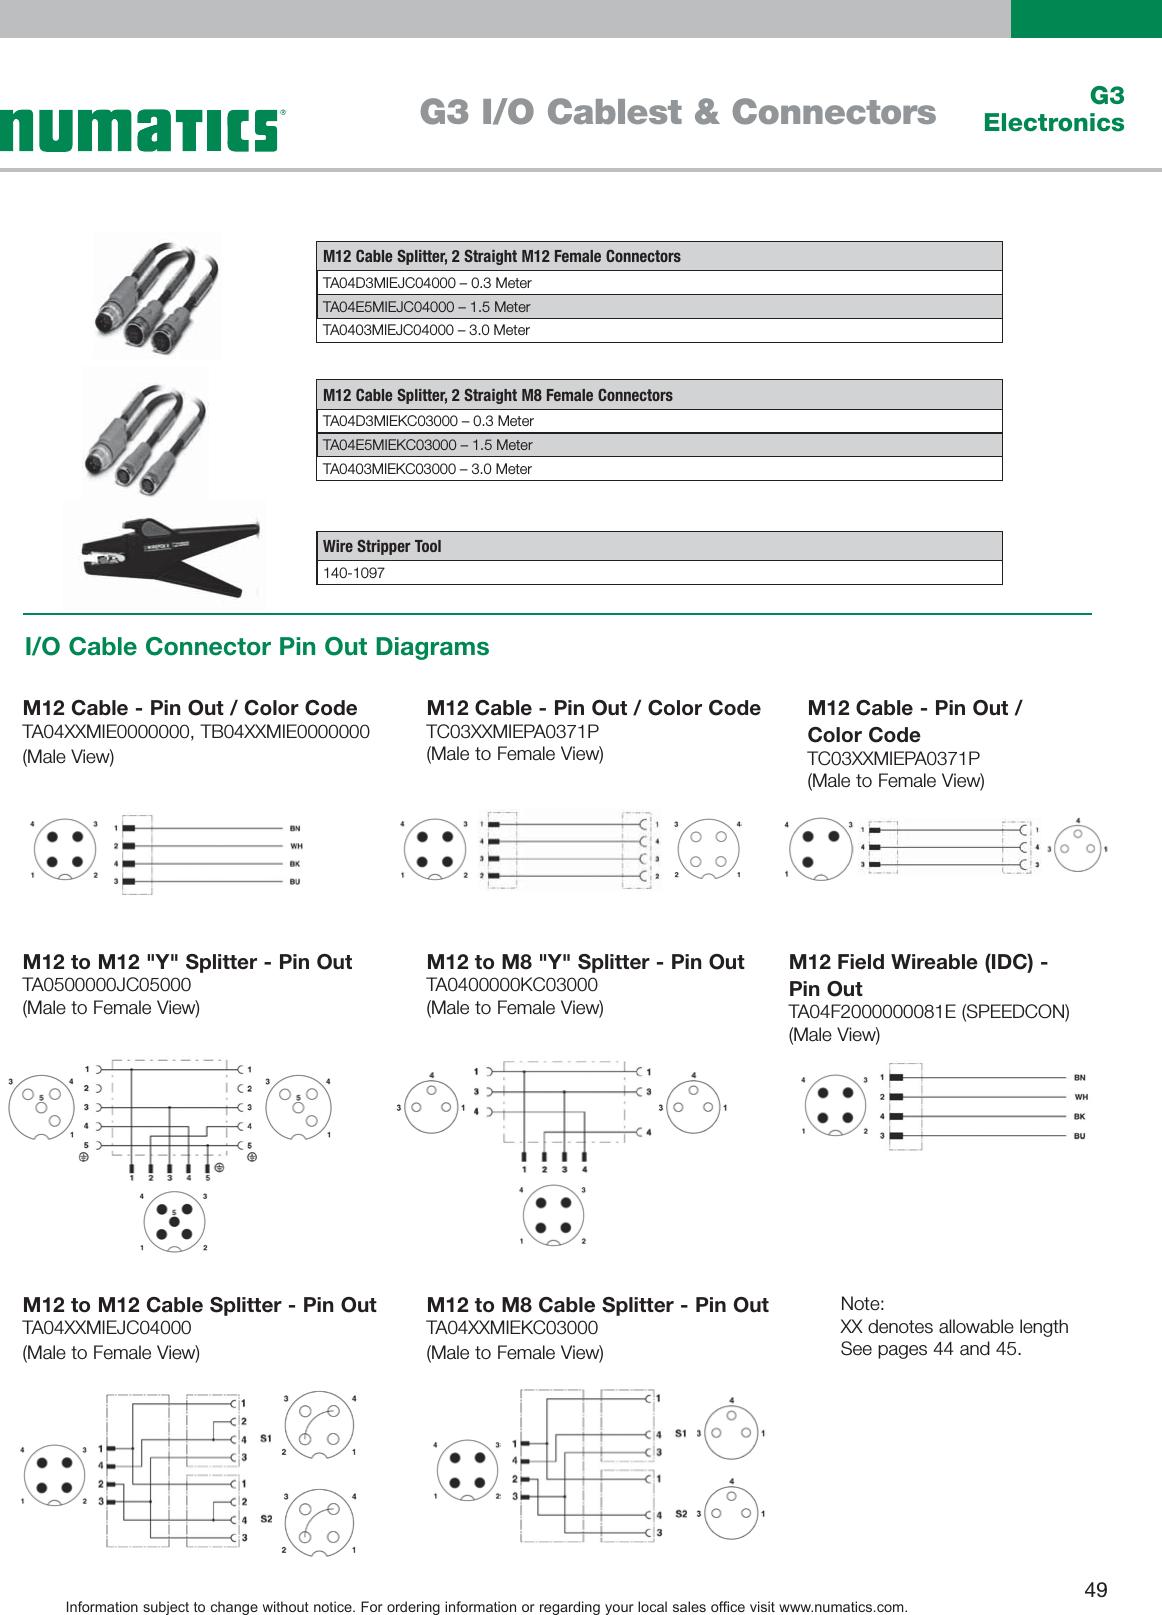 lorex wiring schematic generator schematics wiring diagram